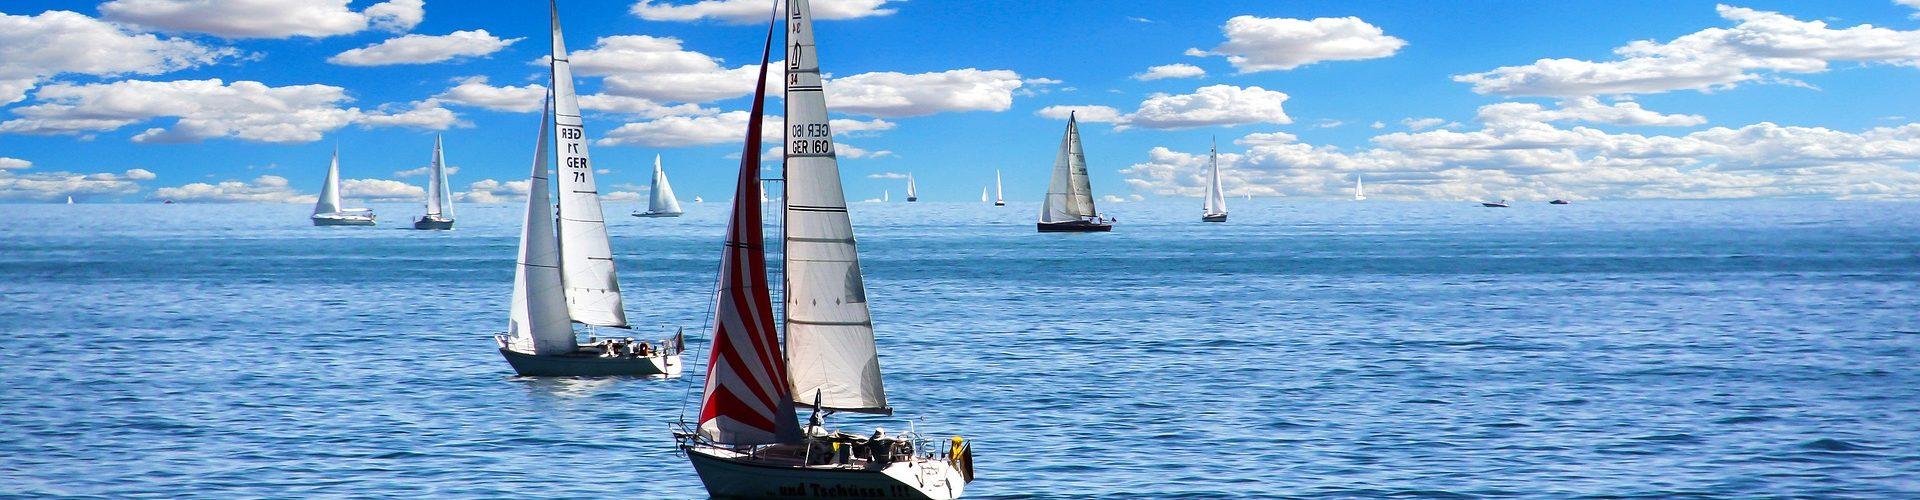 segeln lernen in Zweibrücken segelschein machen in Zweibrücken 1920x500 - Segeln lernen in Zweibrücken